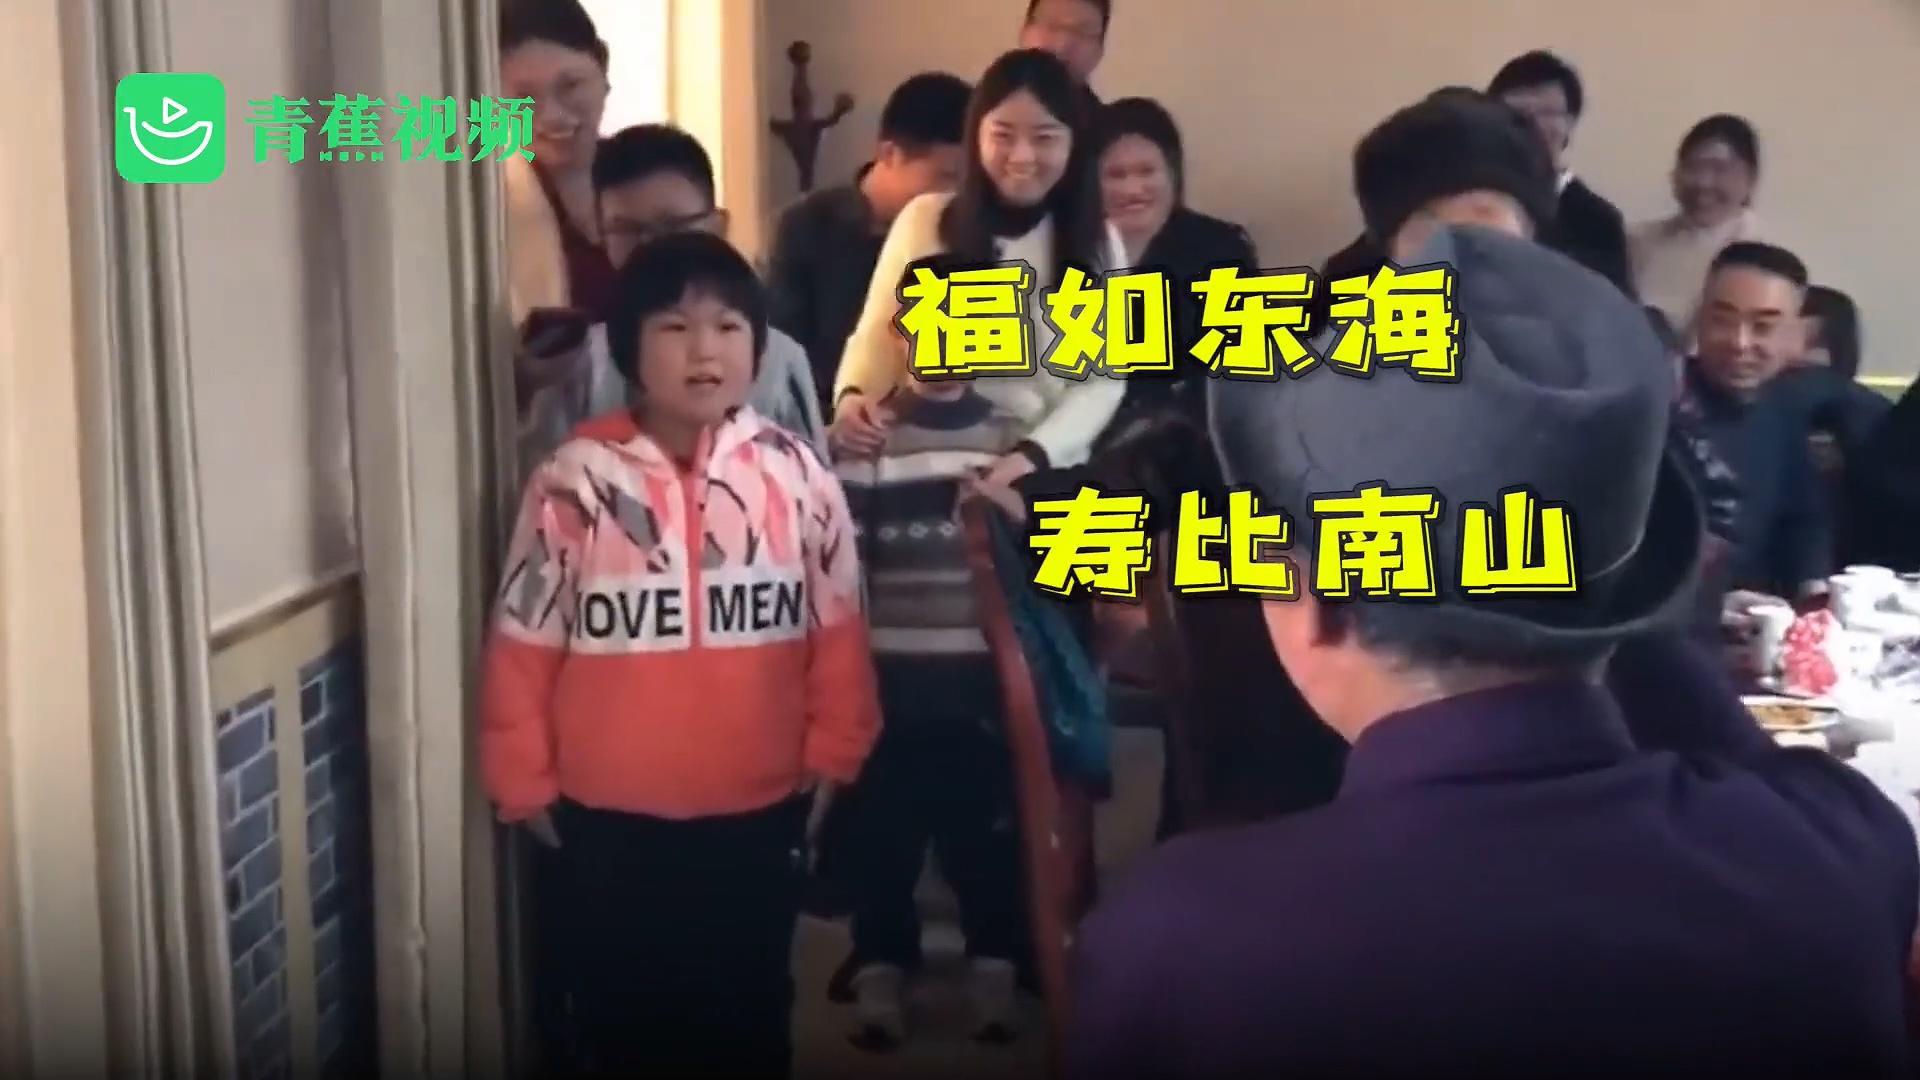 7岁女孩为80岁姥爷呐喊祝寿 网友:气质这块拿捏得死死的